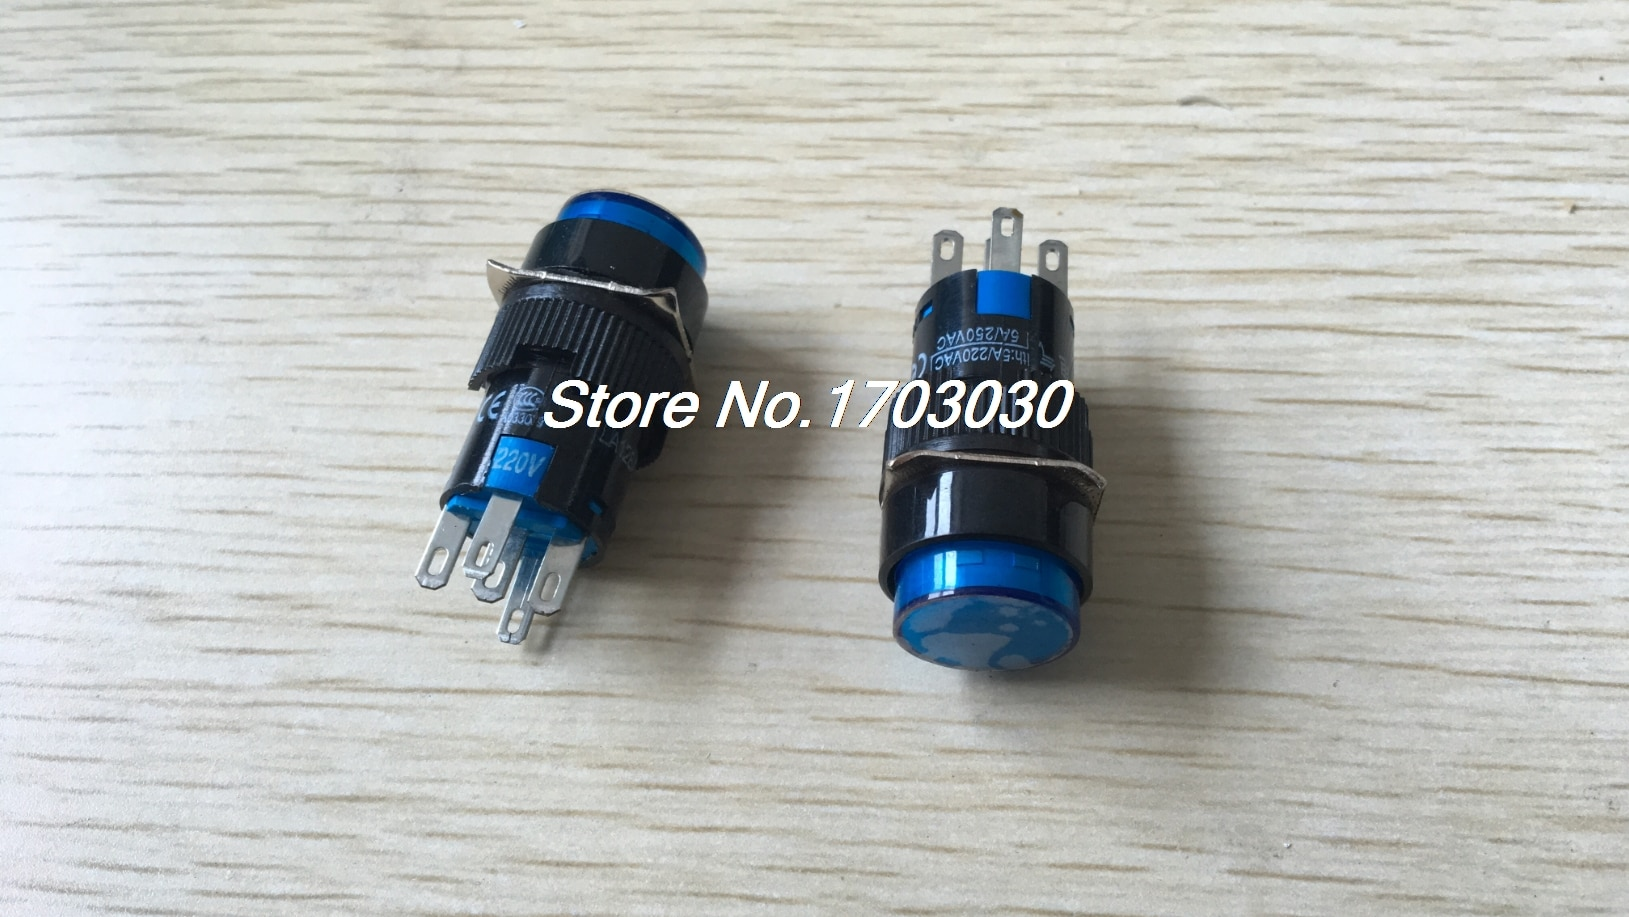 2 uds AC 220V luz azul SPDT de acción momentánea redondo AC 250V 1A interruptor de botón